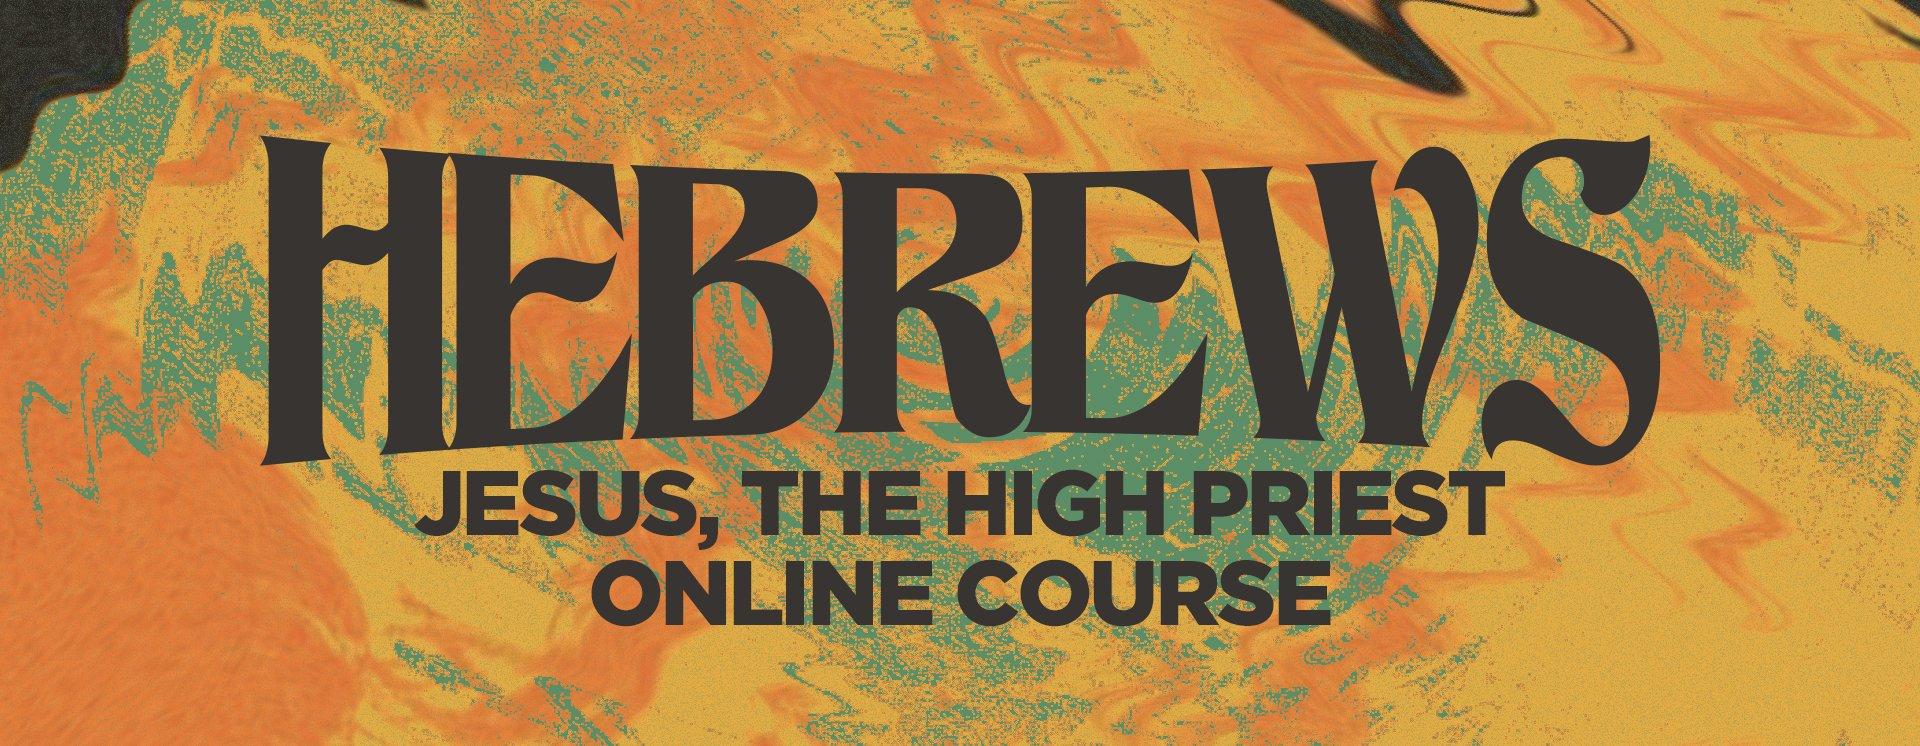 hebrews course web copy